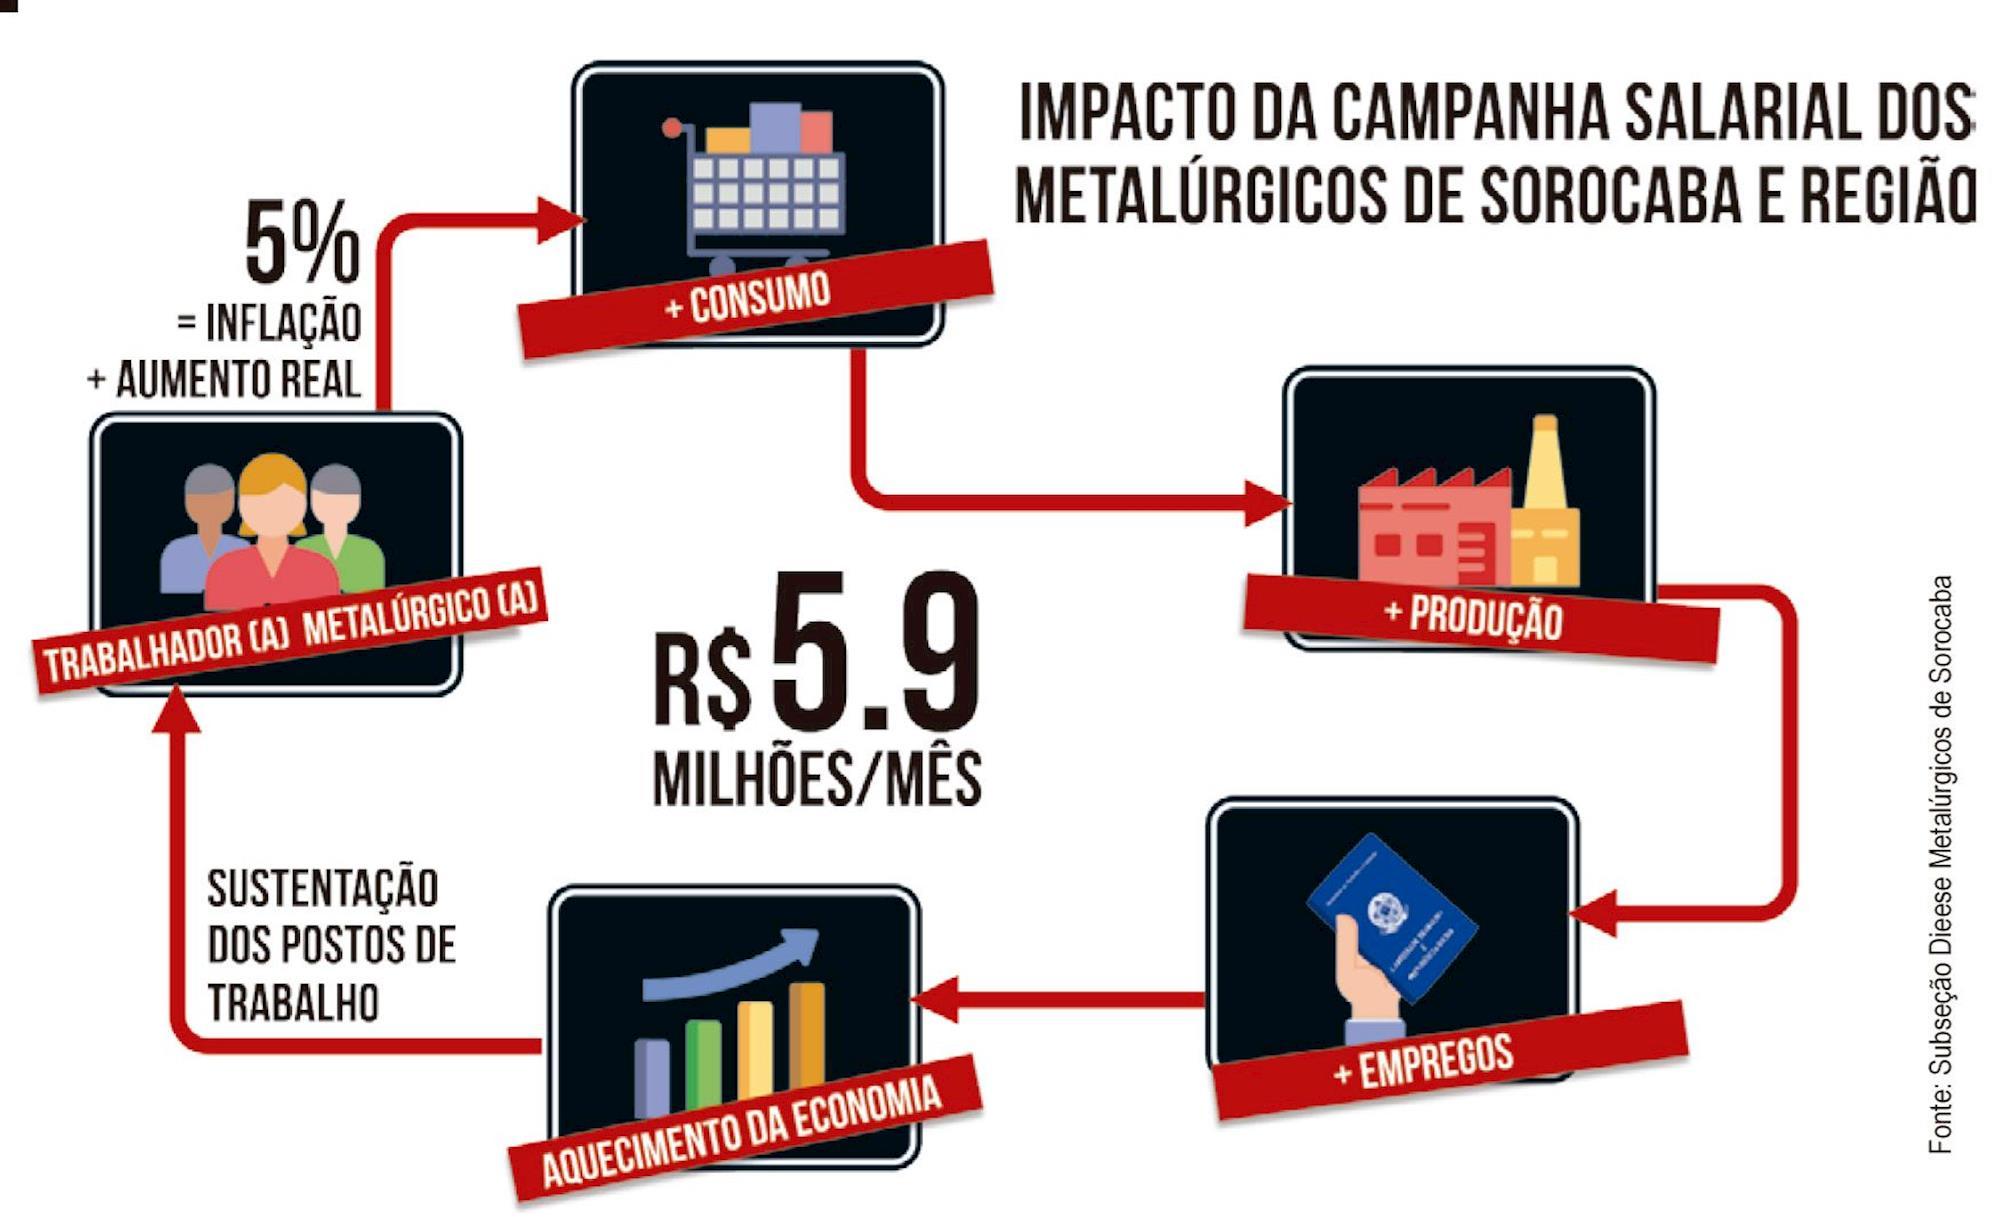 infografico, economia, reajuste, impacto, campanha, salarial,, Fonte: Subseção Dieese dos Metalúrgicos de Sorocaba